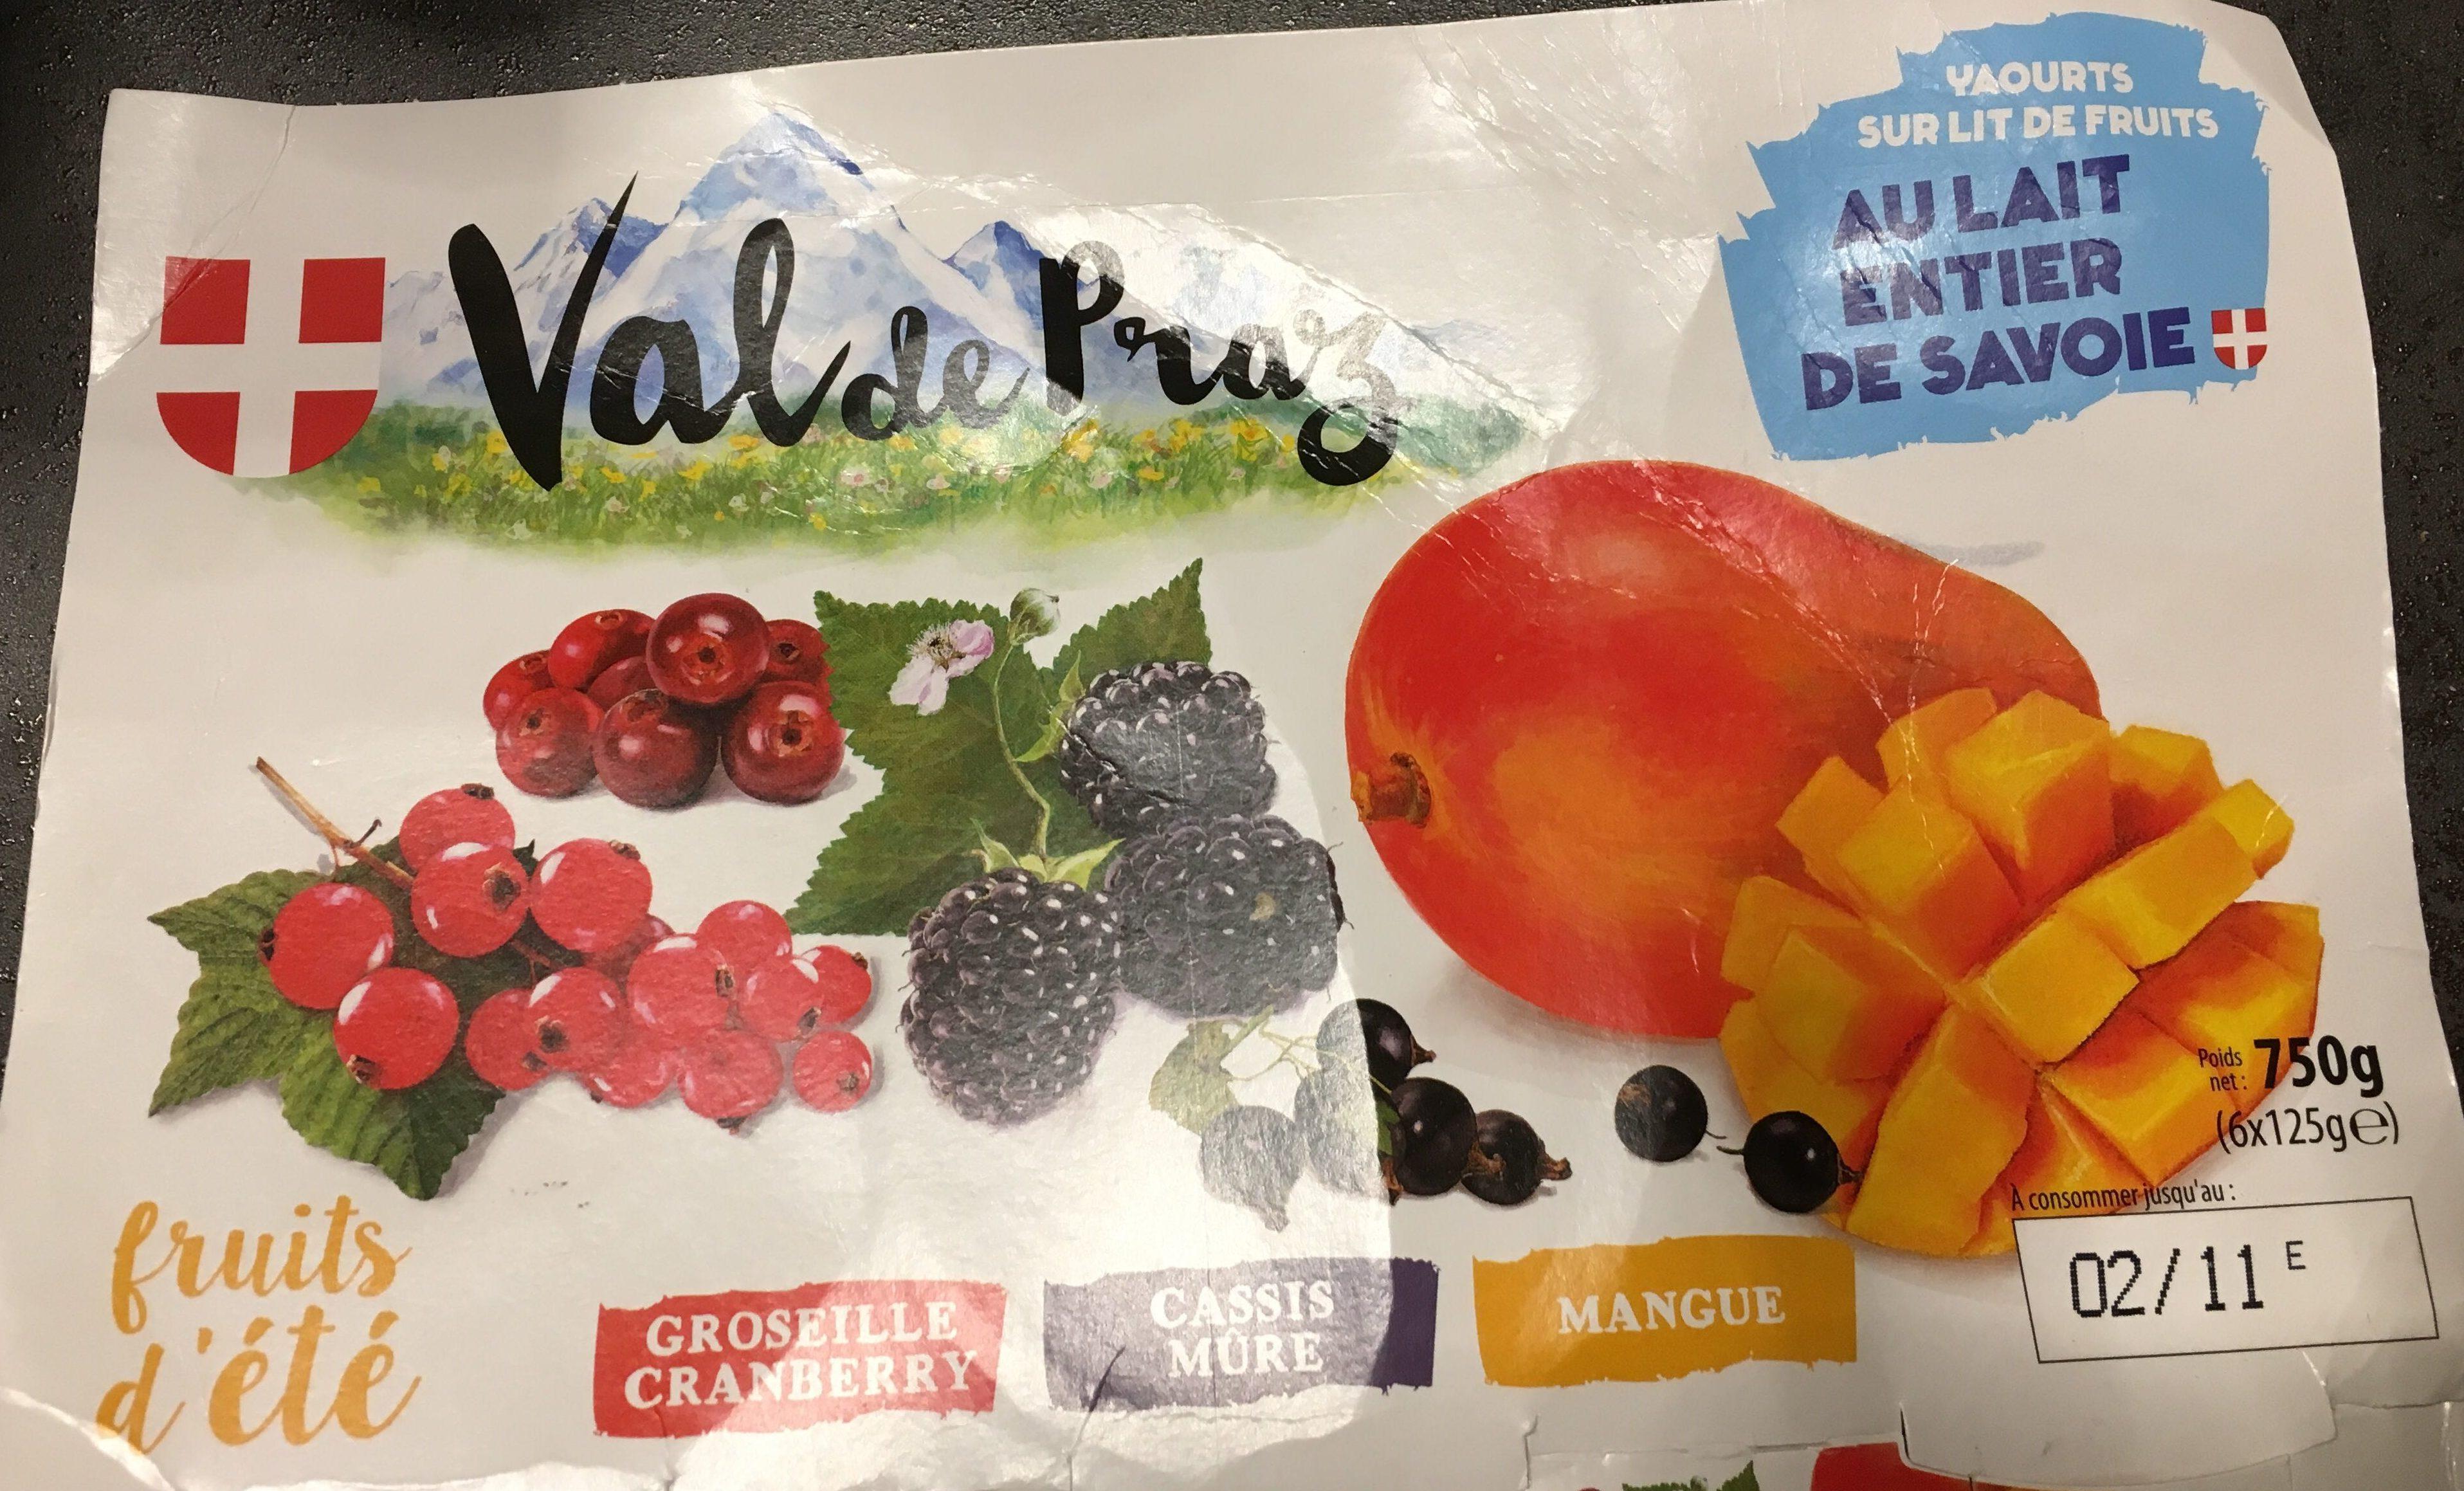 Yaourts sur lit de fruits au lait entier de Savoie Fruits d'été - Product